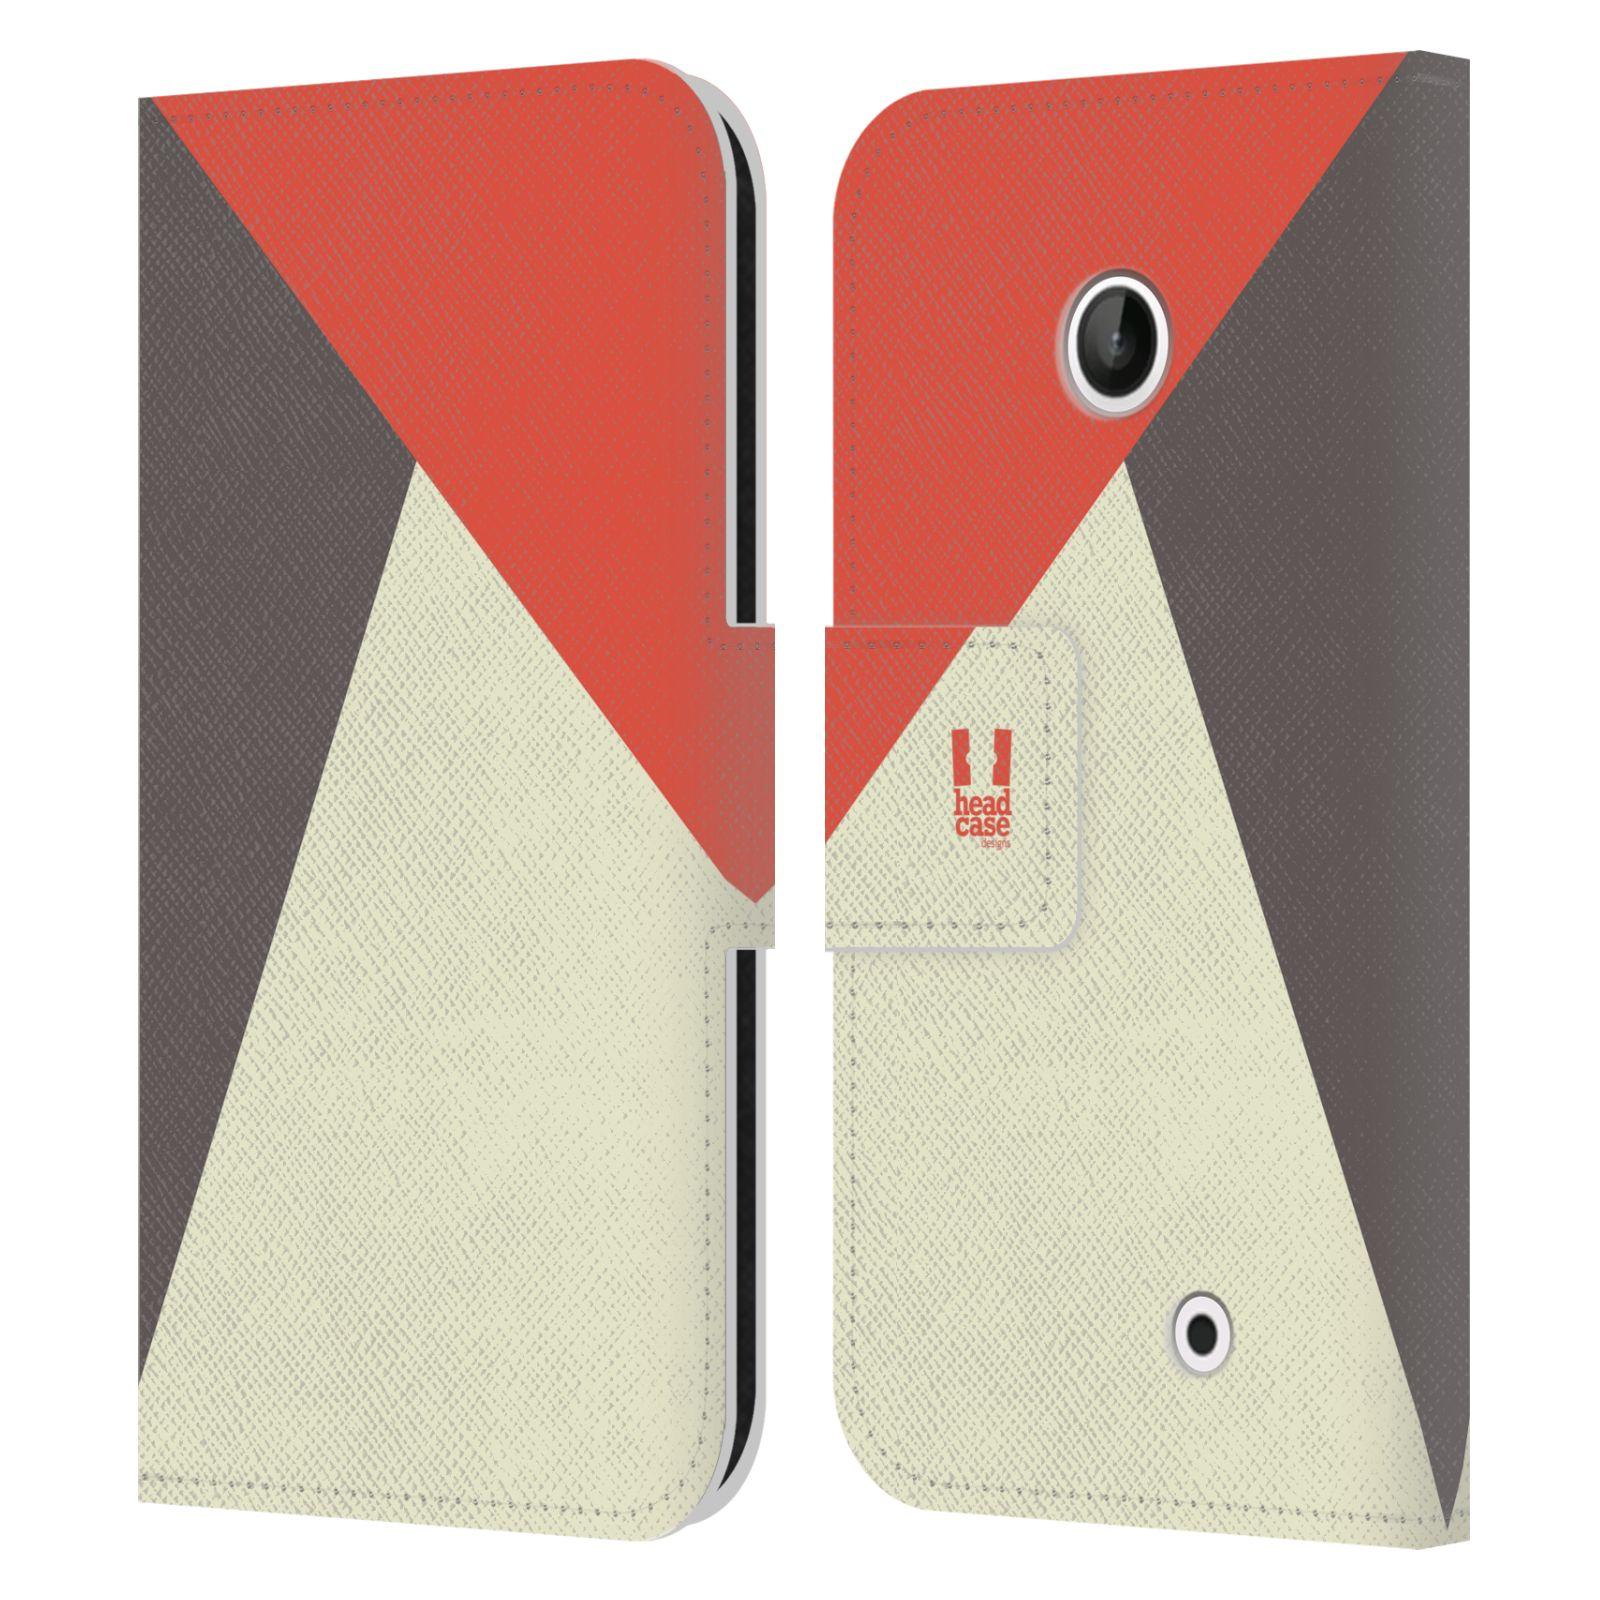 HEAD CASE Flipové pouzdro pro mobil Nokia LUMIA 630/630 DUAL barevné tvary červená a šedá COOL